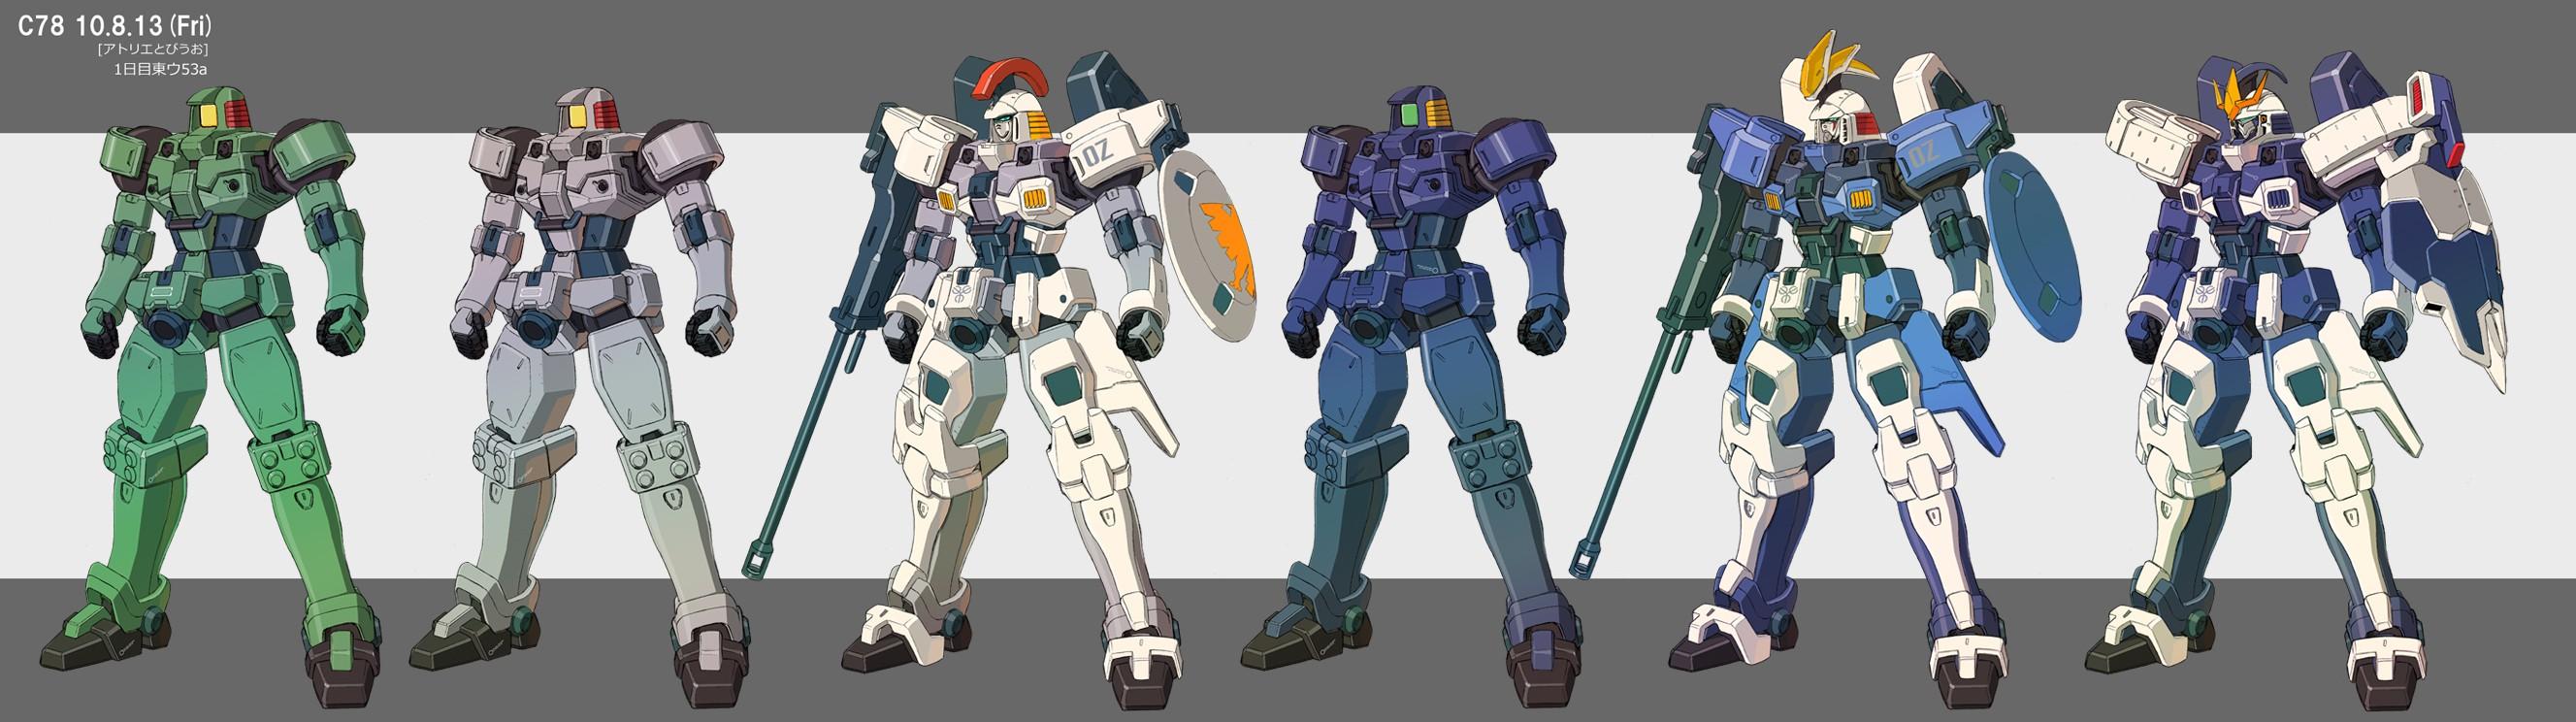 Gundam Wing Wallpaper 2655x744 Gundam Wing 2655x744